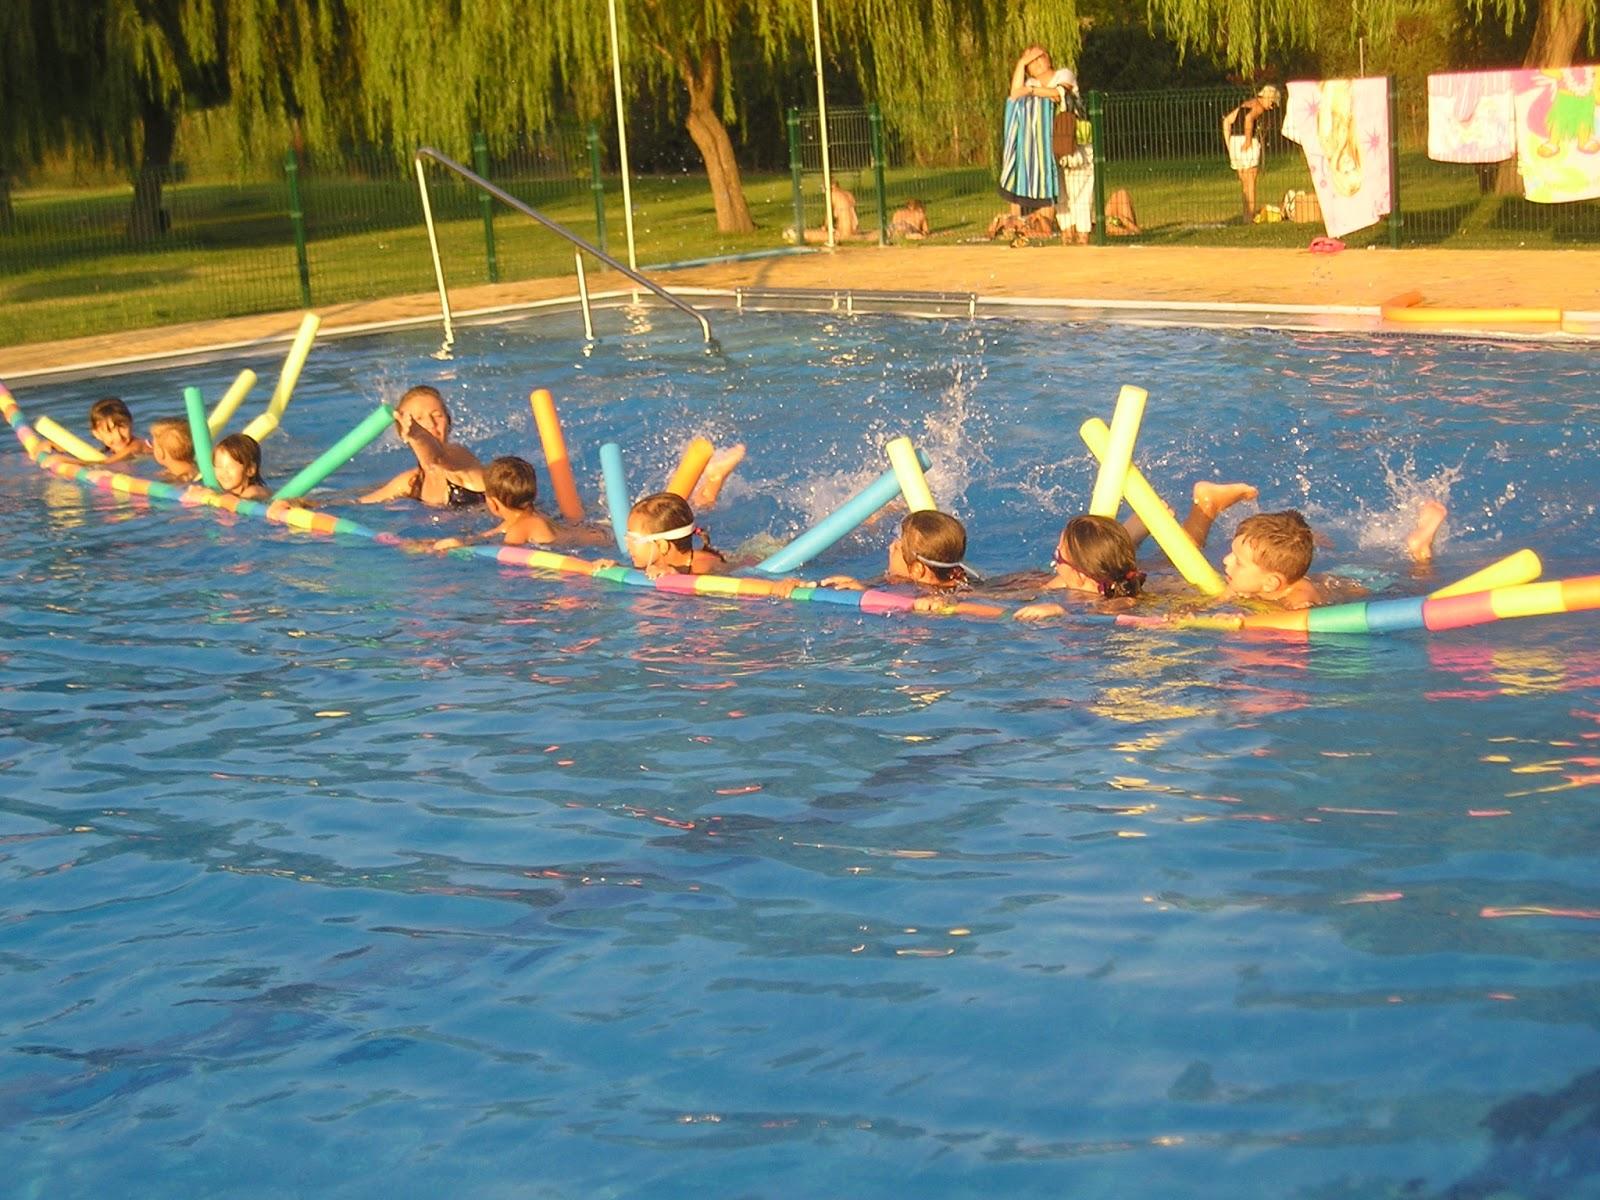 Escuela de natacion piscis fotografias verano 2011 for Piscina climatizada navalmoral